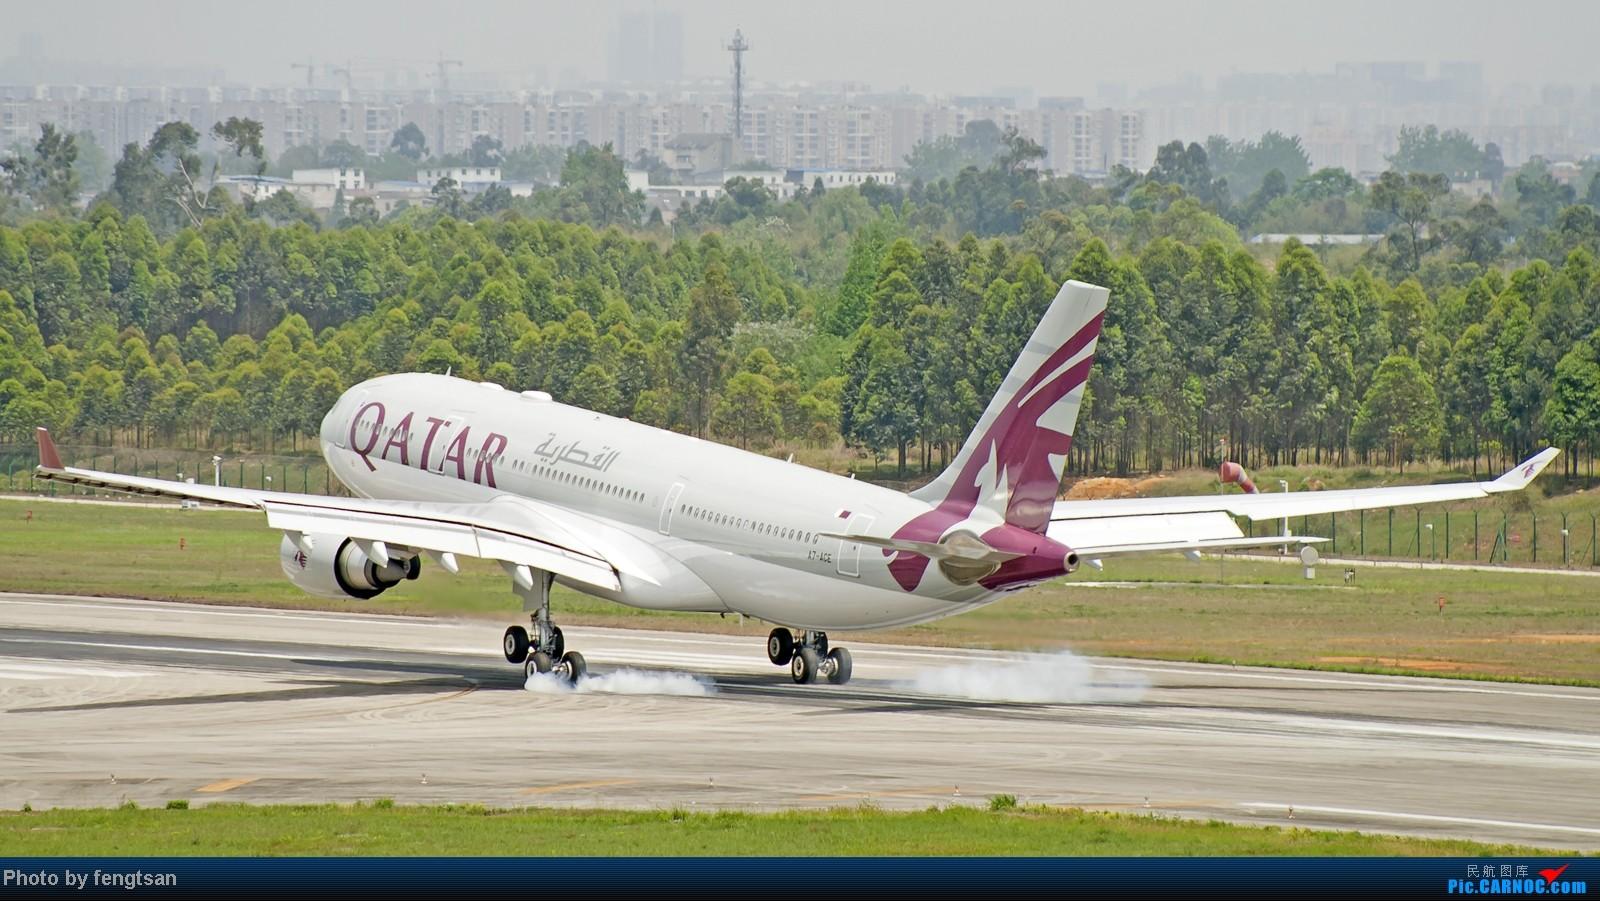 Re:[原创][CCFA] 雨过天晴的周末,卡塔尔航空降落一组 AIRBUS A330-200  中国成都双流机场